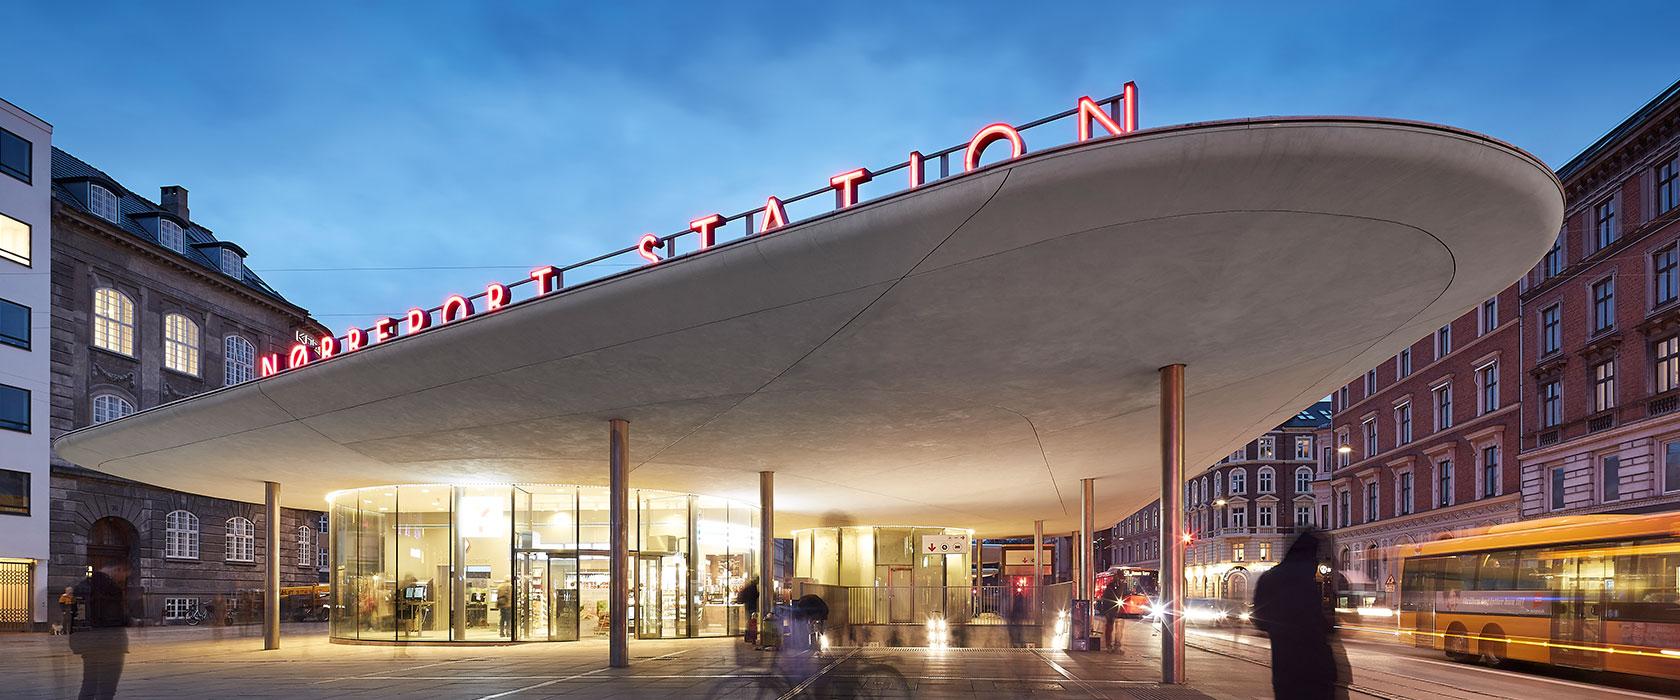 Nørreport Station by night